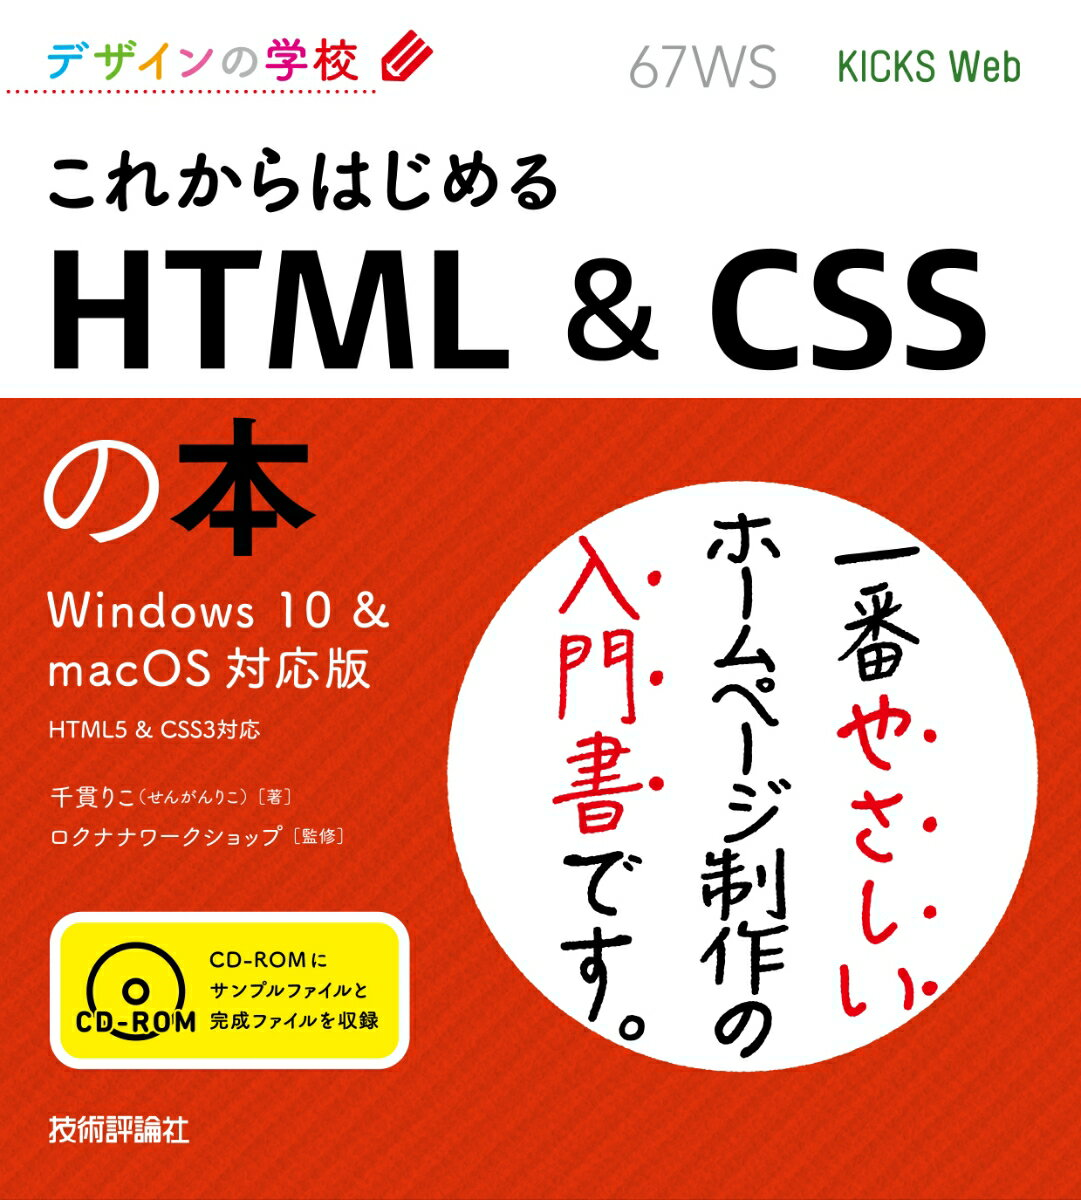 これからはじめる HTML&CSSの本 Wind...の商品画像